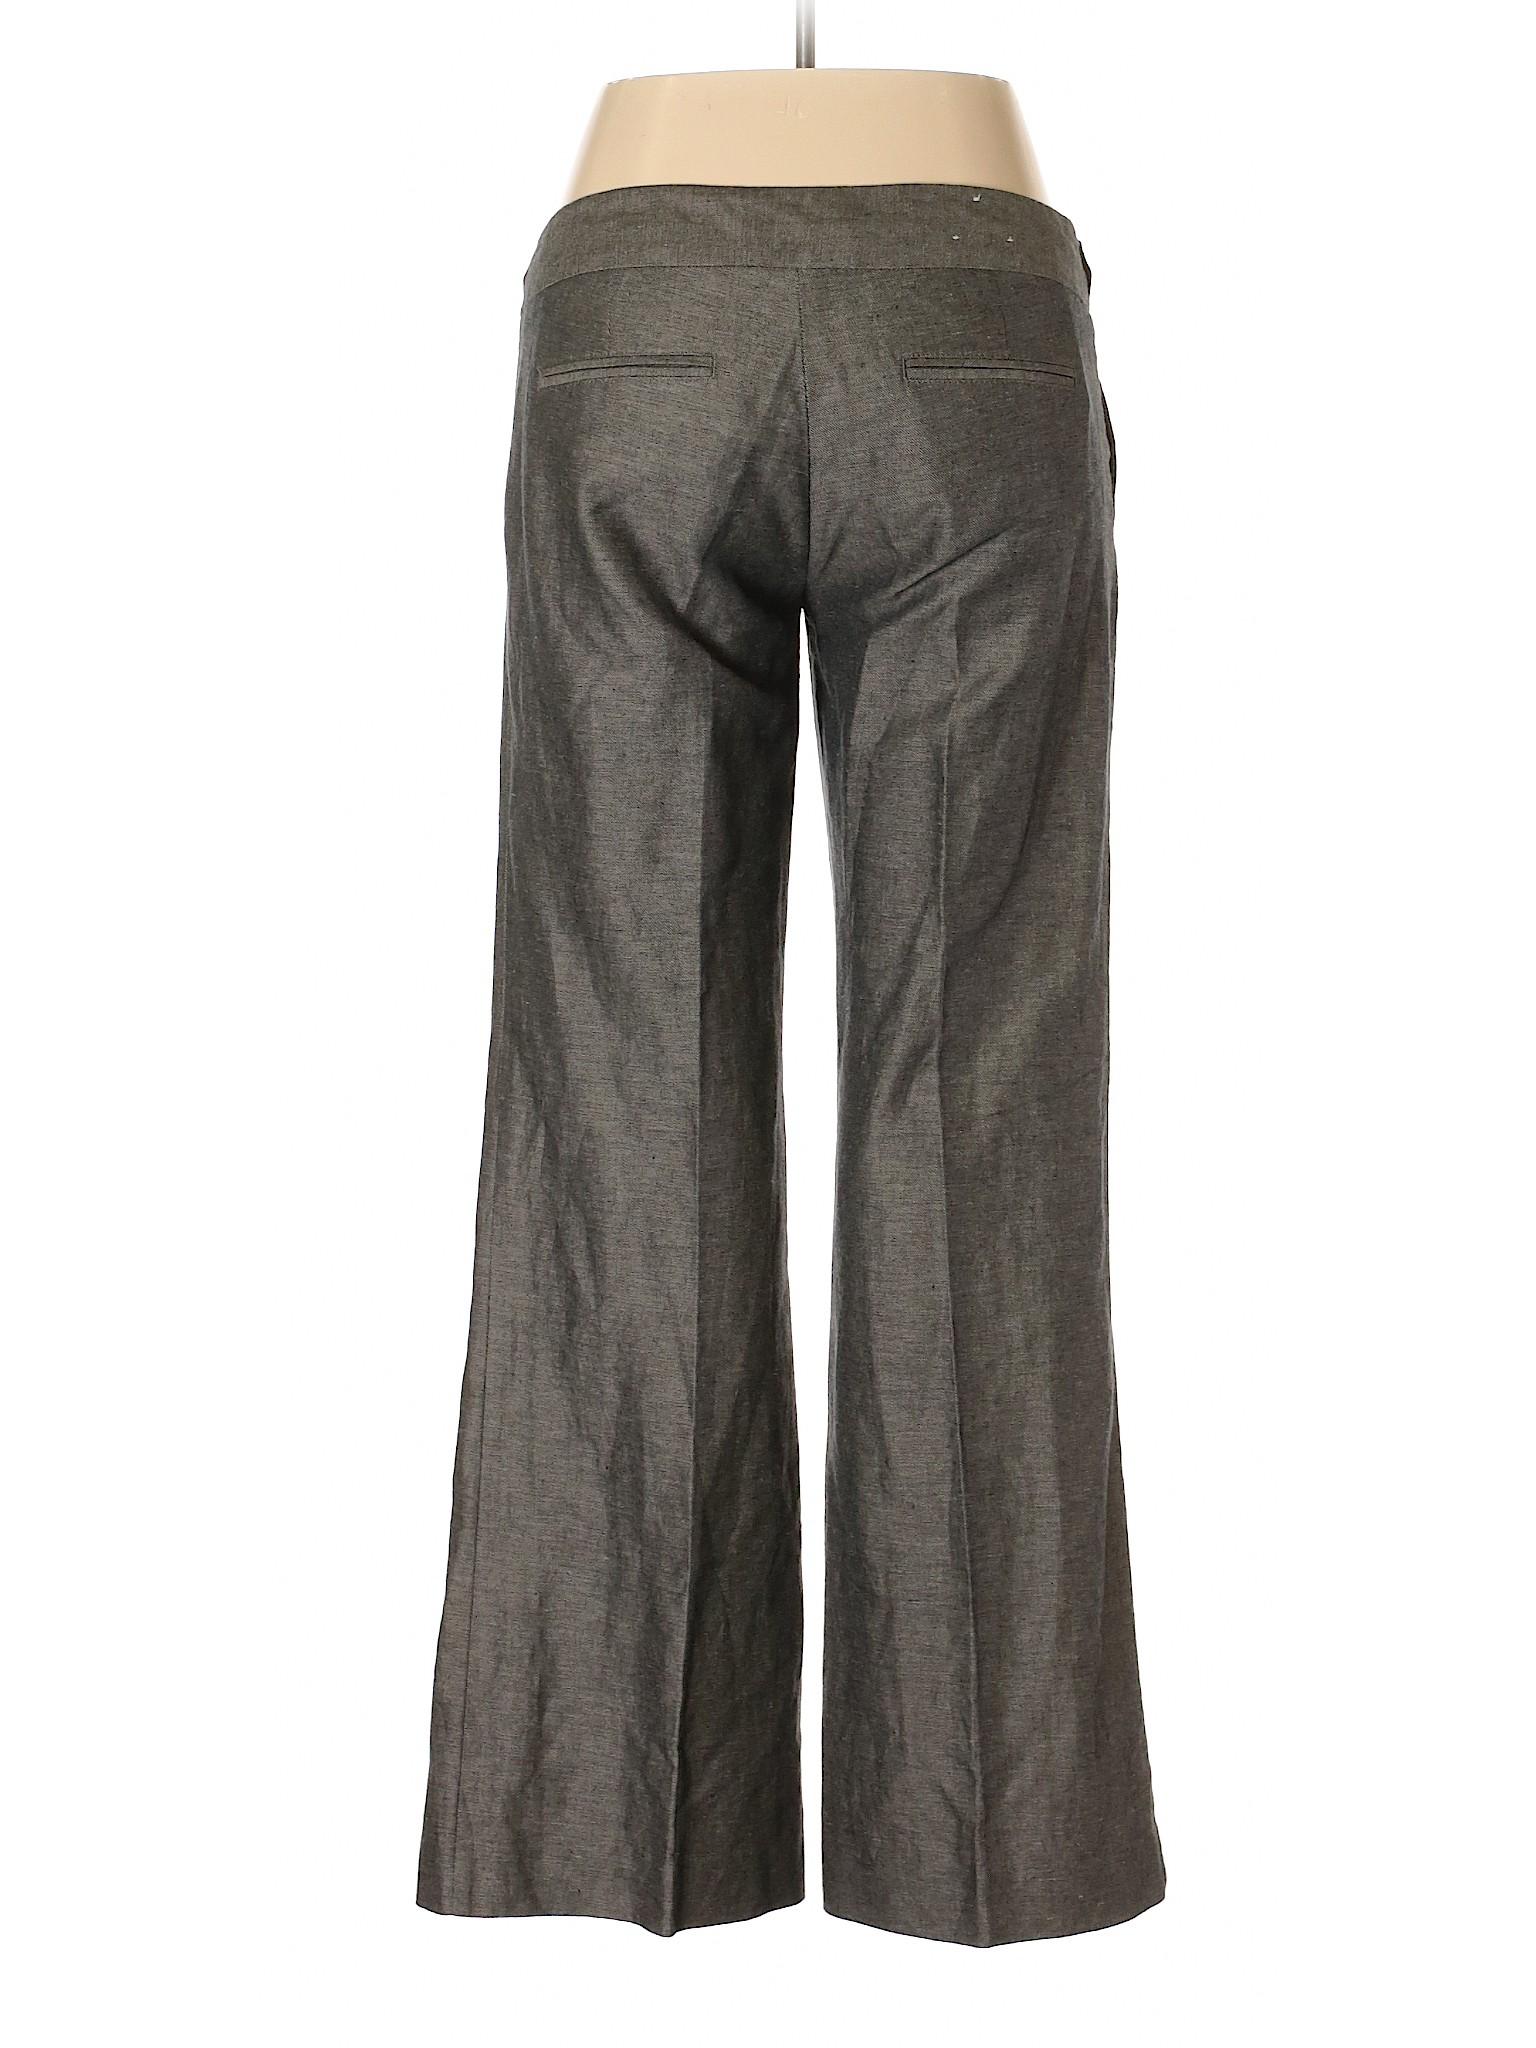 Gap Boutique Gap Dress Boutique leisure leisure Boutique Gap Pants leisure Dress Pants xBEHt